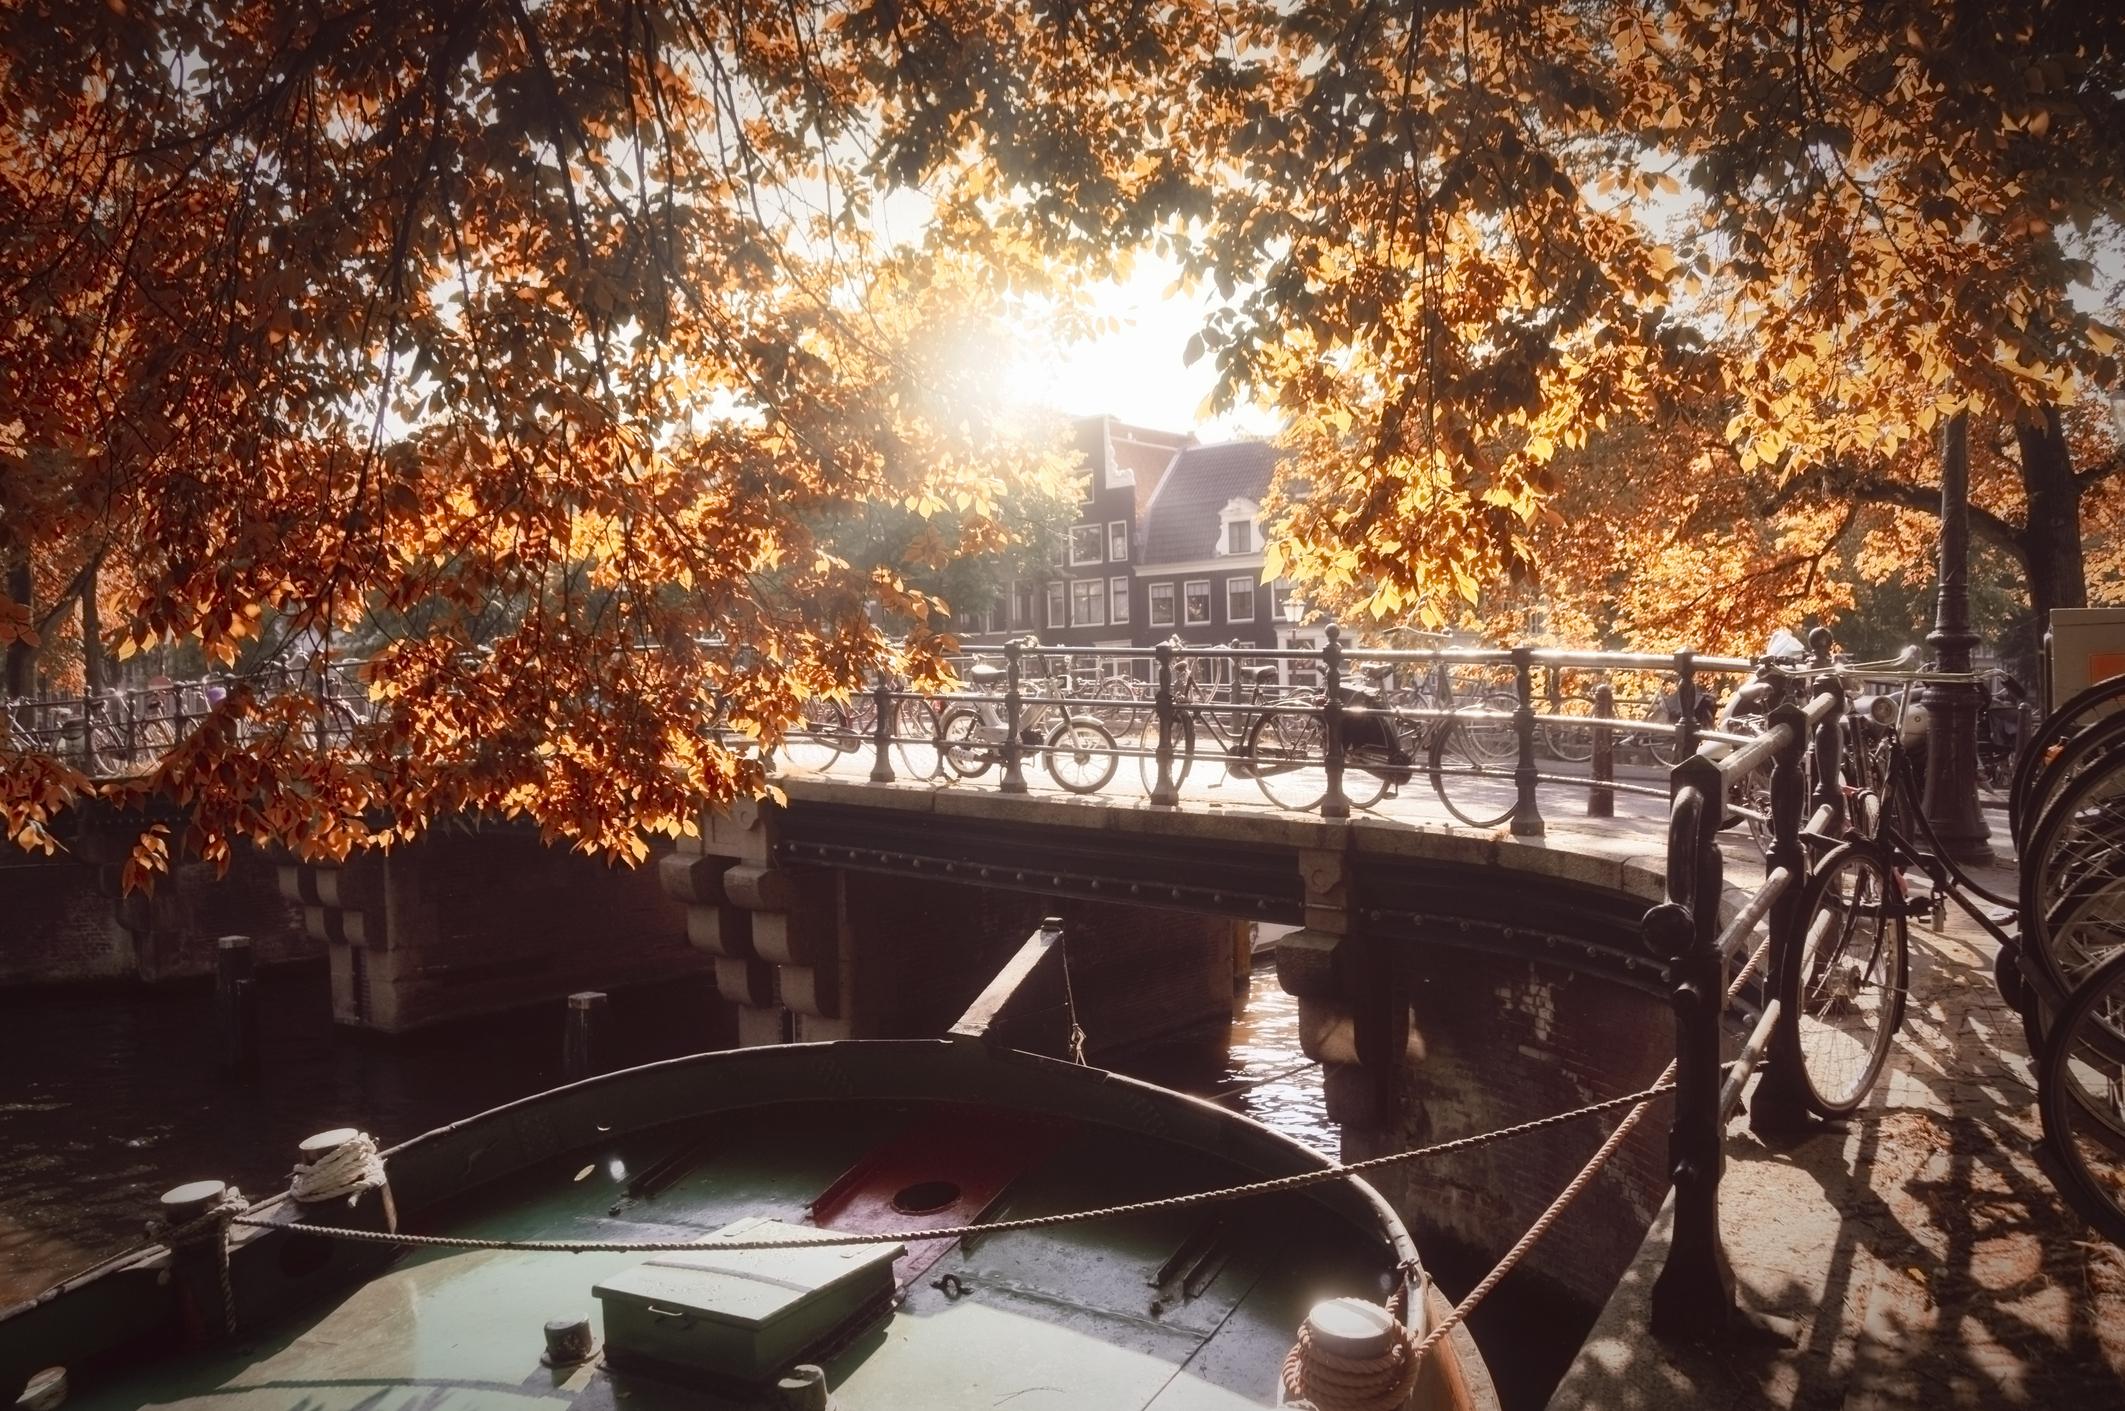 """Ех, този Амстердам. Чист, спокоен, подреден. Пълен с цветя, колела и много... любов.На всеки би му се приискало да посети този град.<br /> В него има някакъв чар. Големият художникРембрандтвори тук, аАне Франк, малката писателка, чийто дневник трогна целия свят, родена.Градът е столица на Кралство Нидерландия (Холандия).Името наАмстердамидва от Амстелердам. В превод означава """"бентнаАмстел"""", реката, преминаваща през града.Възникнал като рибарско селце в края на XII век, в резултат на развитието на търговията презНидерландския златен векАмстердам се превръща в един от най-големитепристанищни градове в света.<br /> През XIXи XXв.Амстердам се разраства и се образуват множество нови квартали и предградия.Кварталът на Червените фенери съществува на днешното си място от самото му основаване през XIV в., когато вместо кафенета, тук са се разполагали дестилационни фабрики, обслужвани предимно от моряци и търговци от различни националности.Нуждаещите се от освежаване и компания и забогатели след дългите пътувания моряци, все по-силно привличат вниманието на жените с лоша репутация.Така за кратко време луксозните публични домове, ръководени от амбициозни бизнес дами.Оставяйки малка пролука между червените завеси на стаите, гледащи към улиците, дамите подканят мъжете с леко, но предизвикателно потропване по прозорците."""